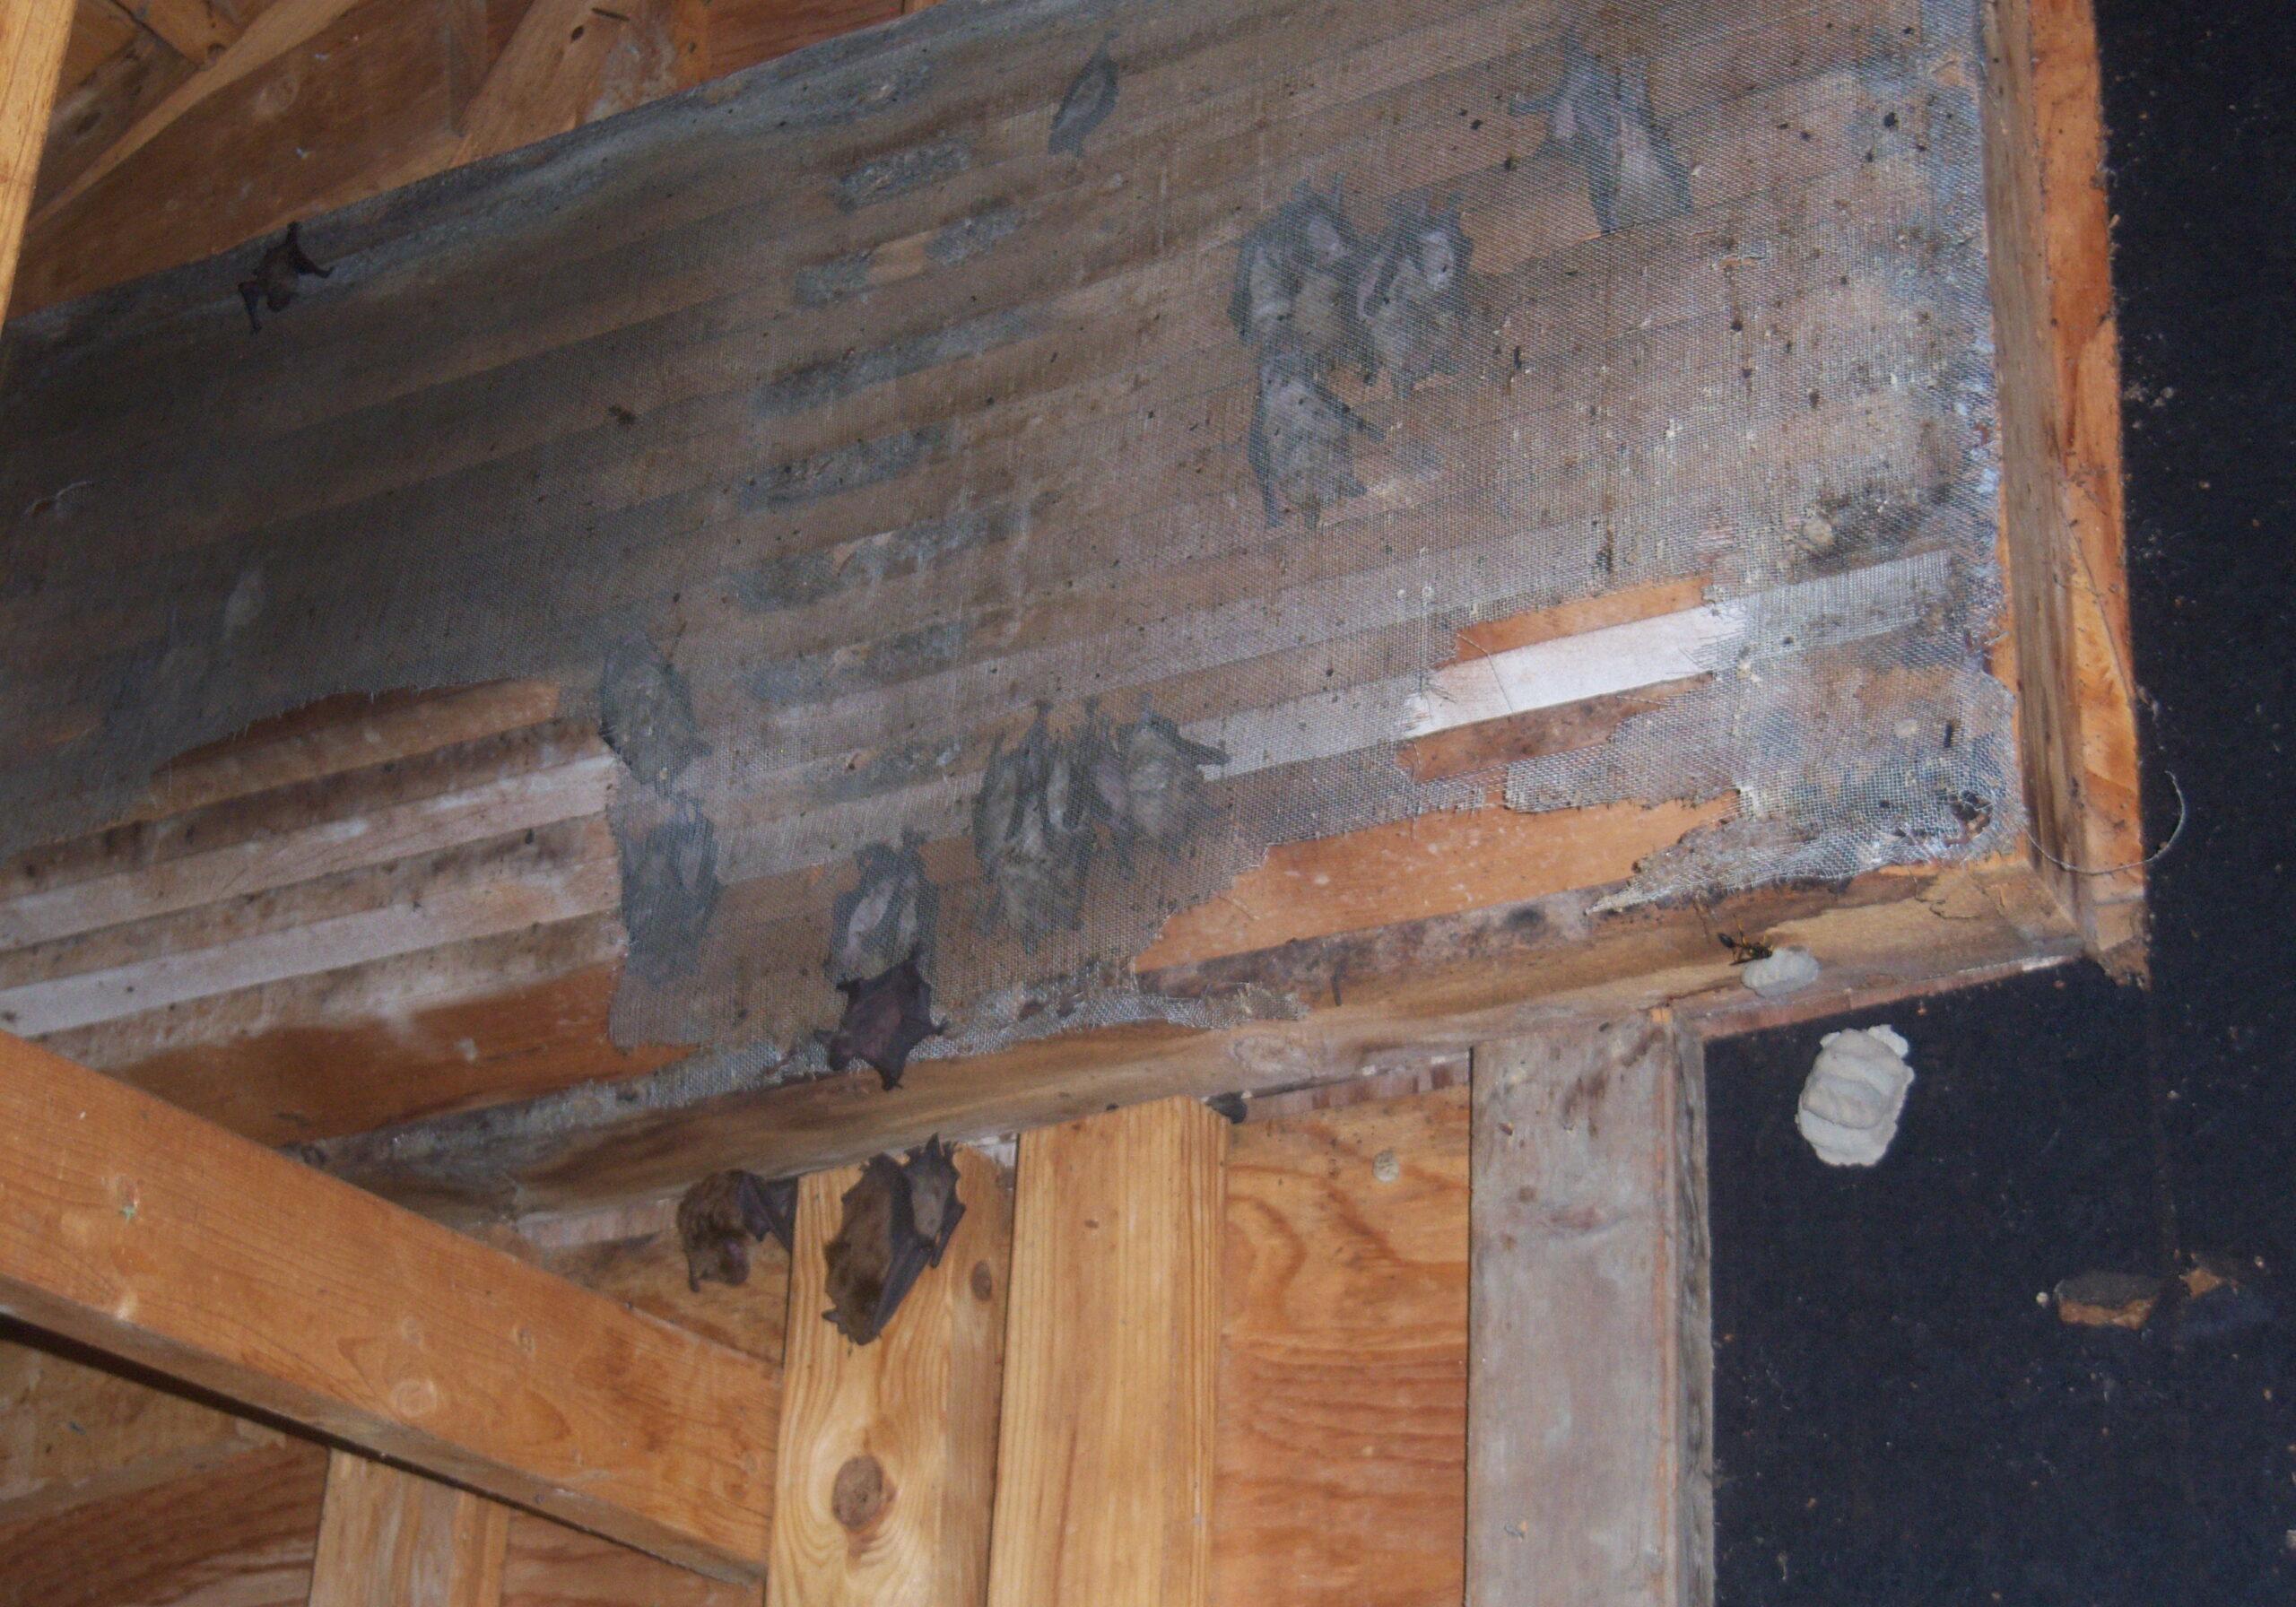 Bats in the Attic Brighton Michigan